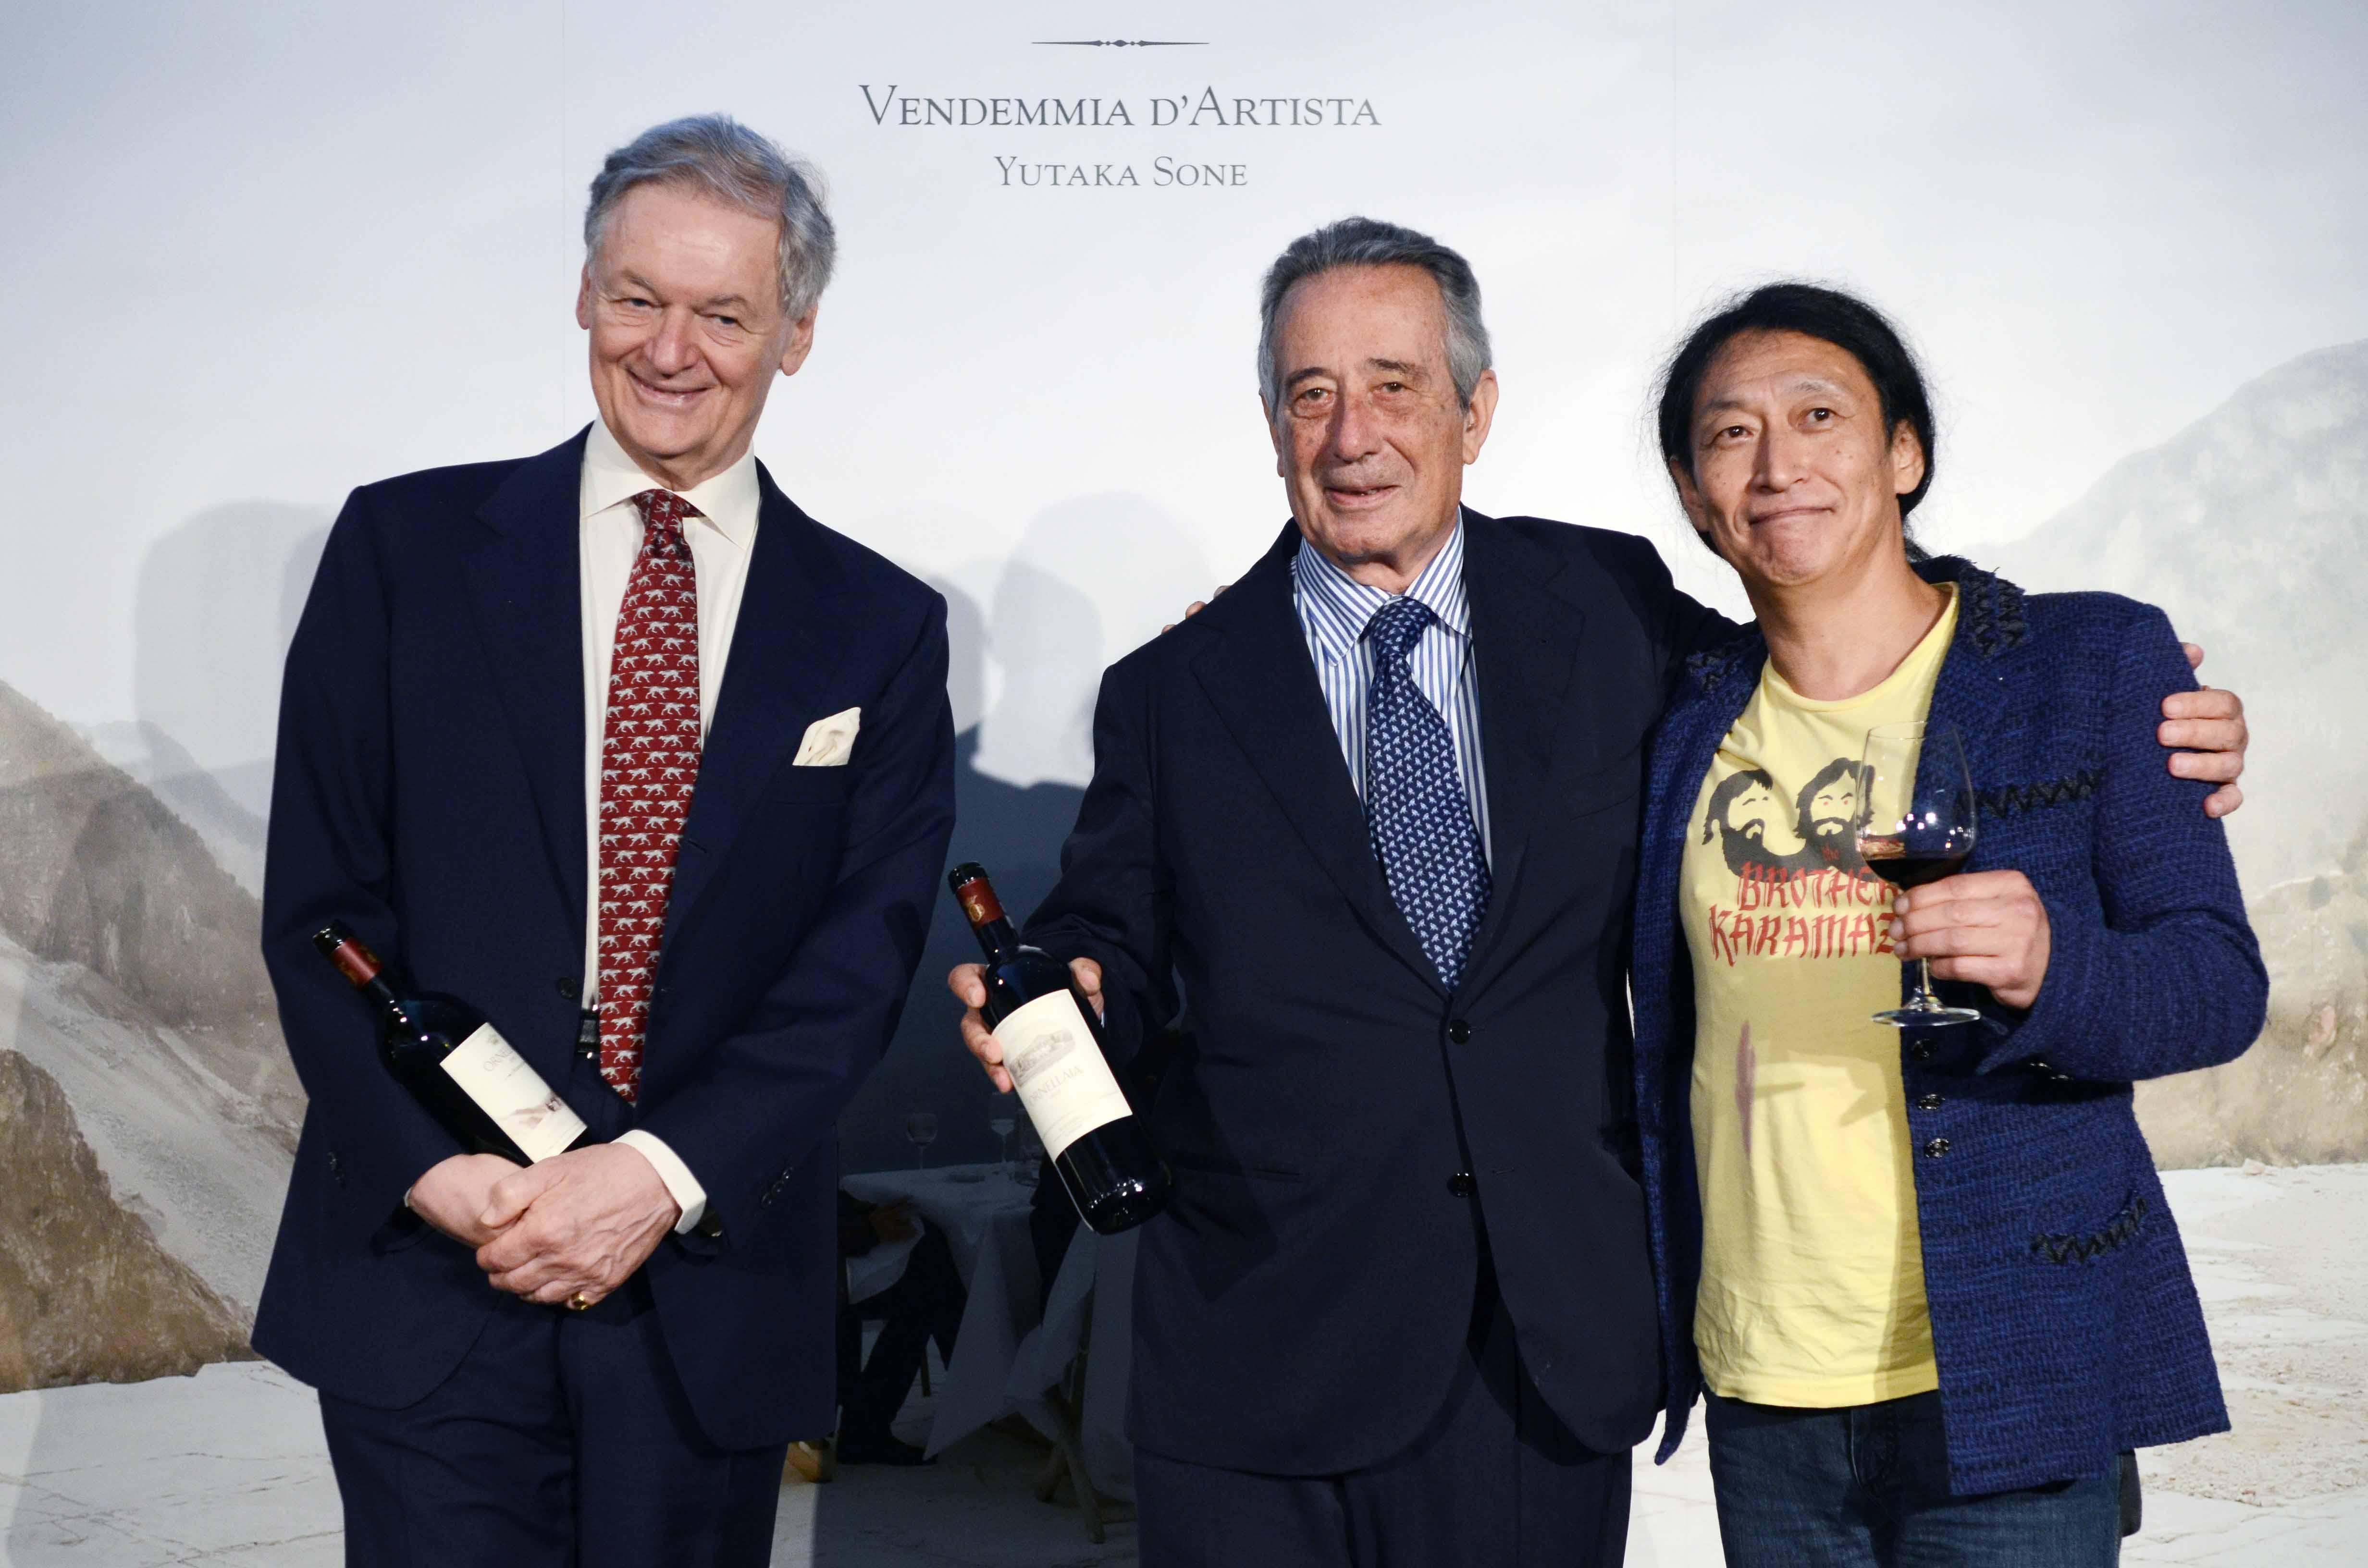 L'ottava edizione del progetto Ornellaia Vendemmia d'Artista arriva a Tokyo